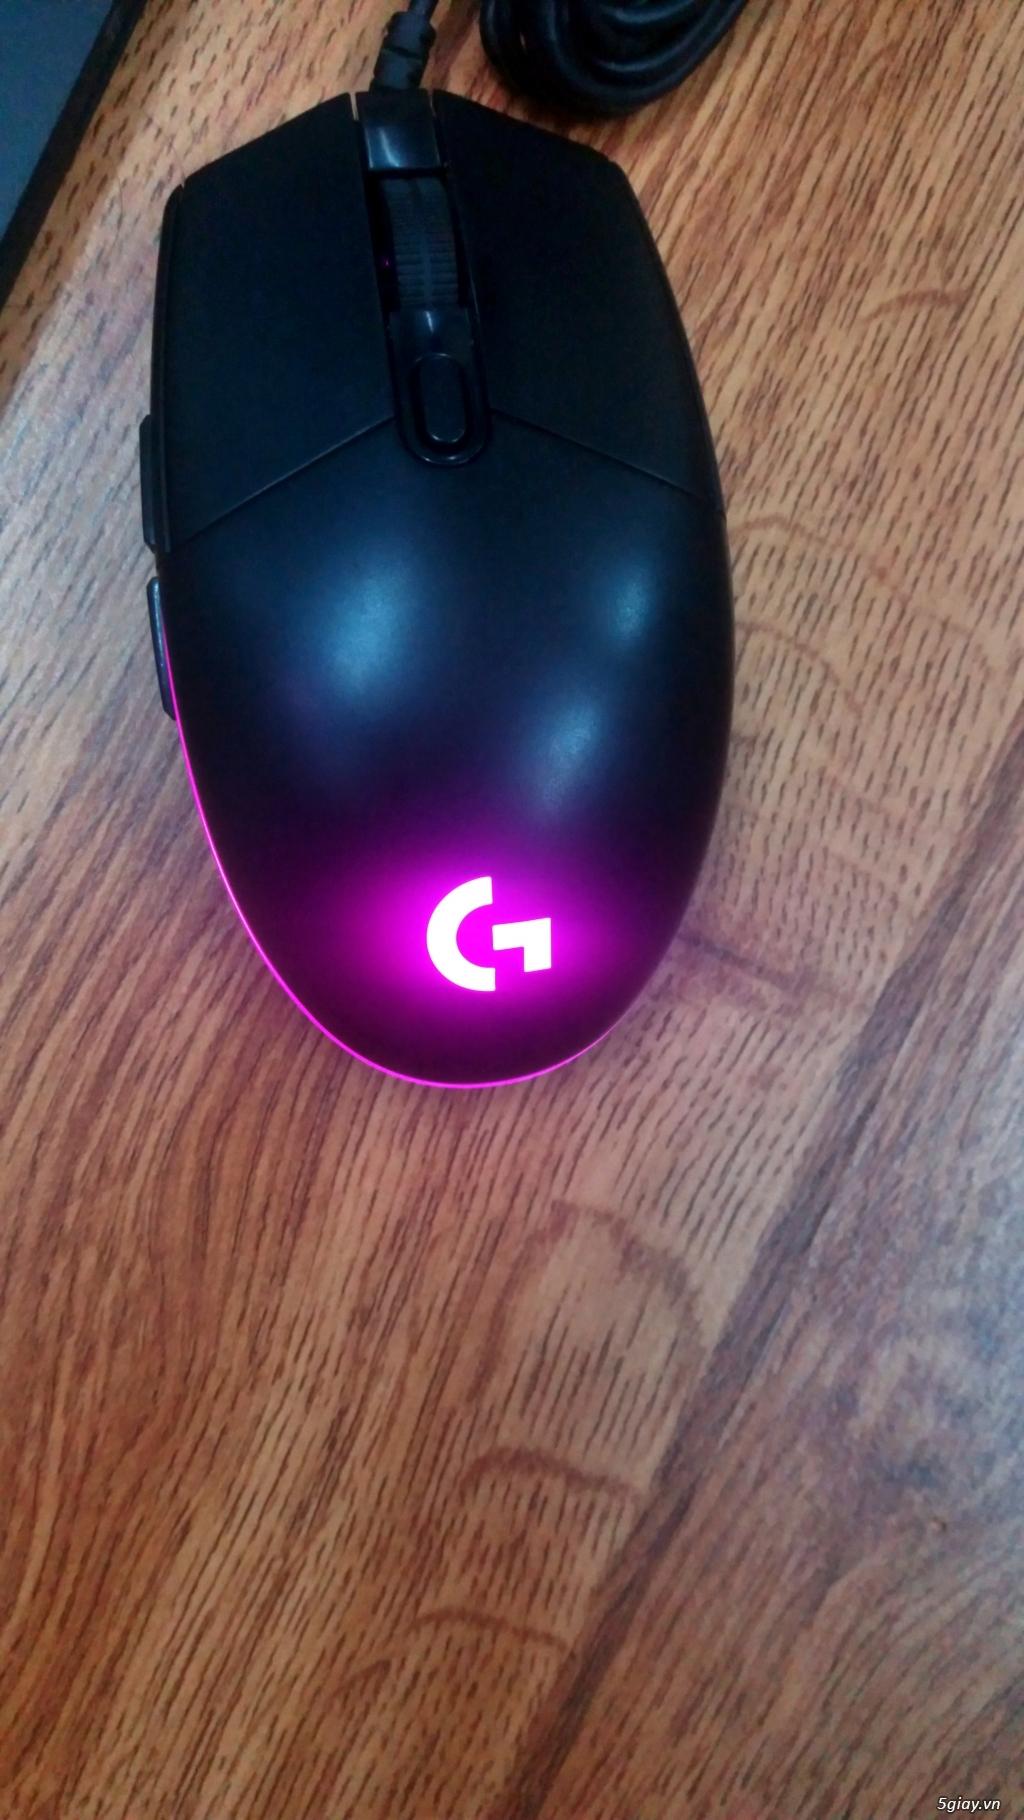 Chuột chuyên game Logitech g102 chính hãng likenew - 5